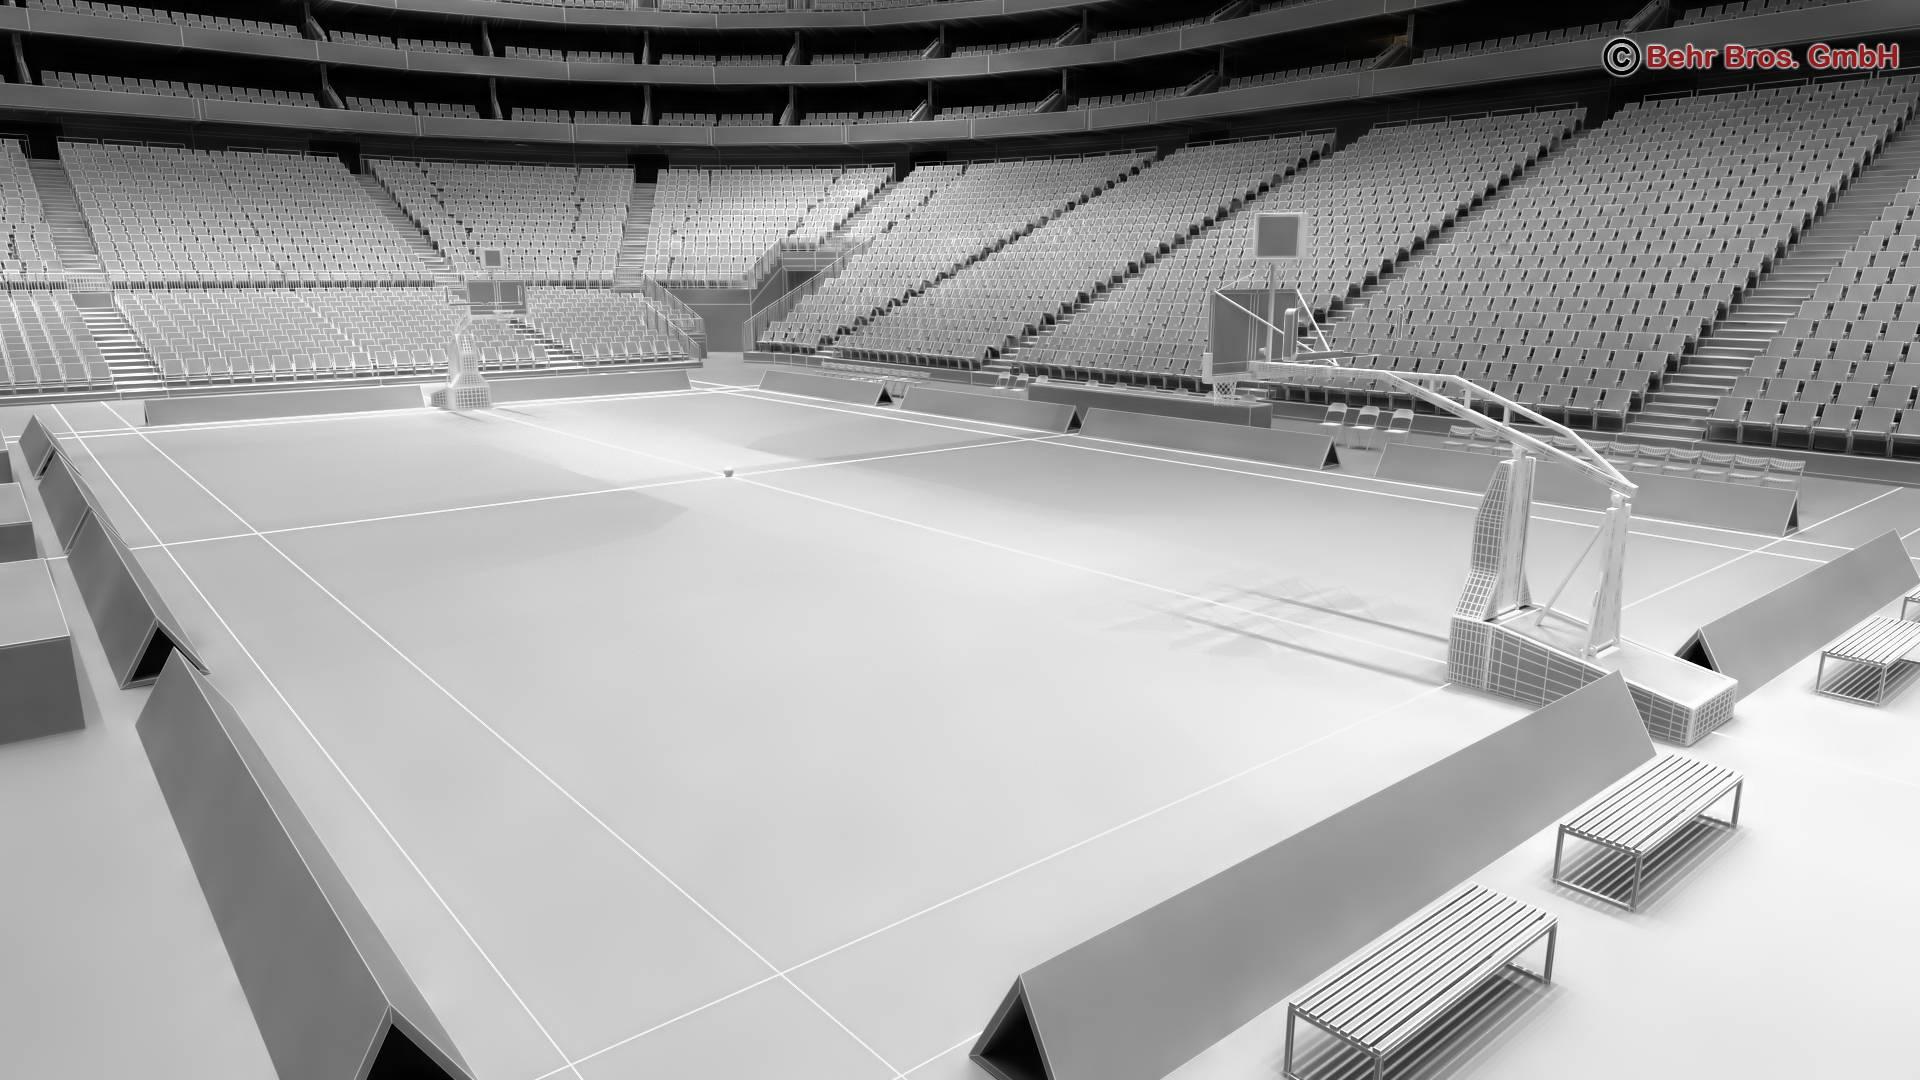 košarkaška arena v2 3d model 3ds max fbx c4d lwo ma mb obj 222376